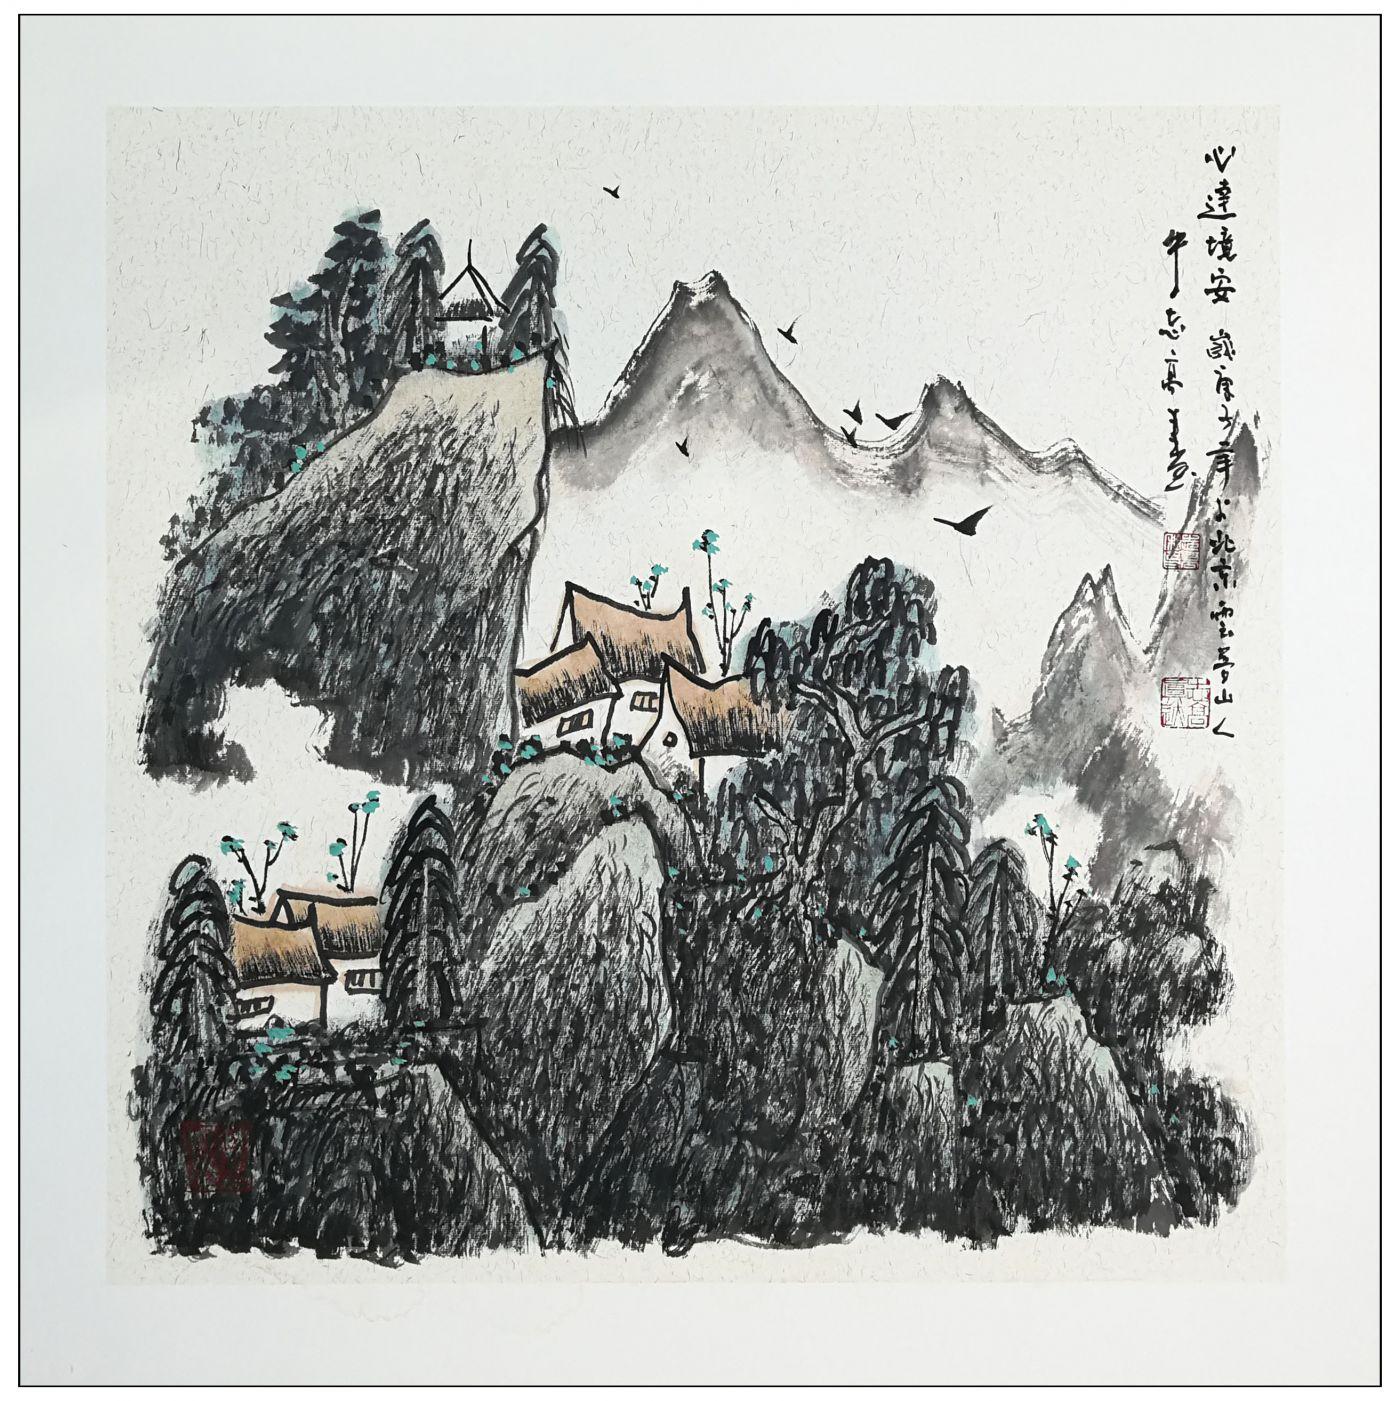 牛志高2020山水画新作-----2020.07.07_图1-10